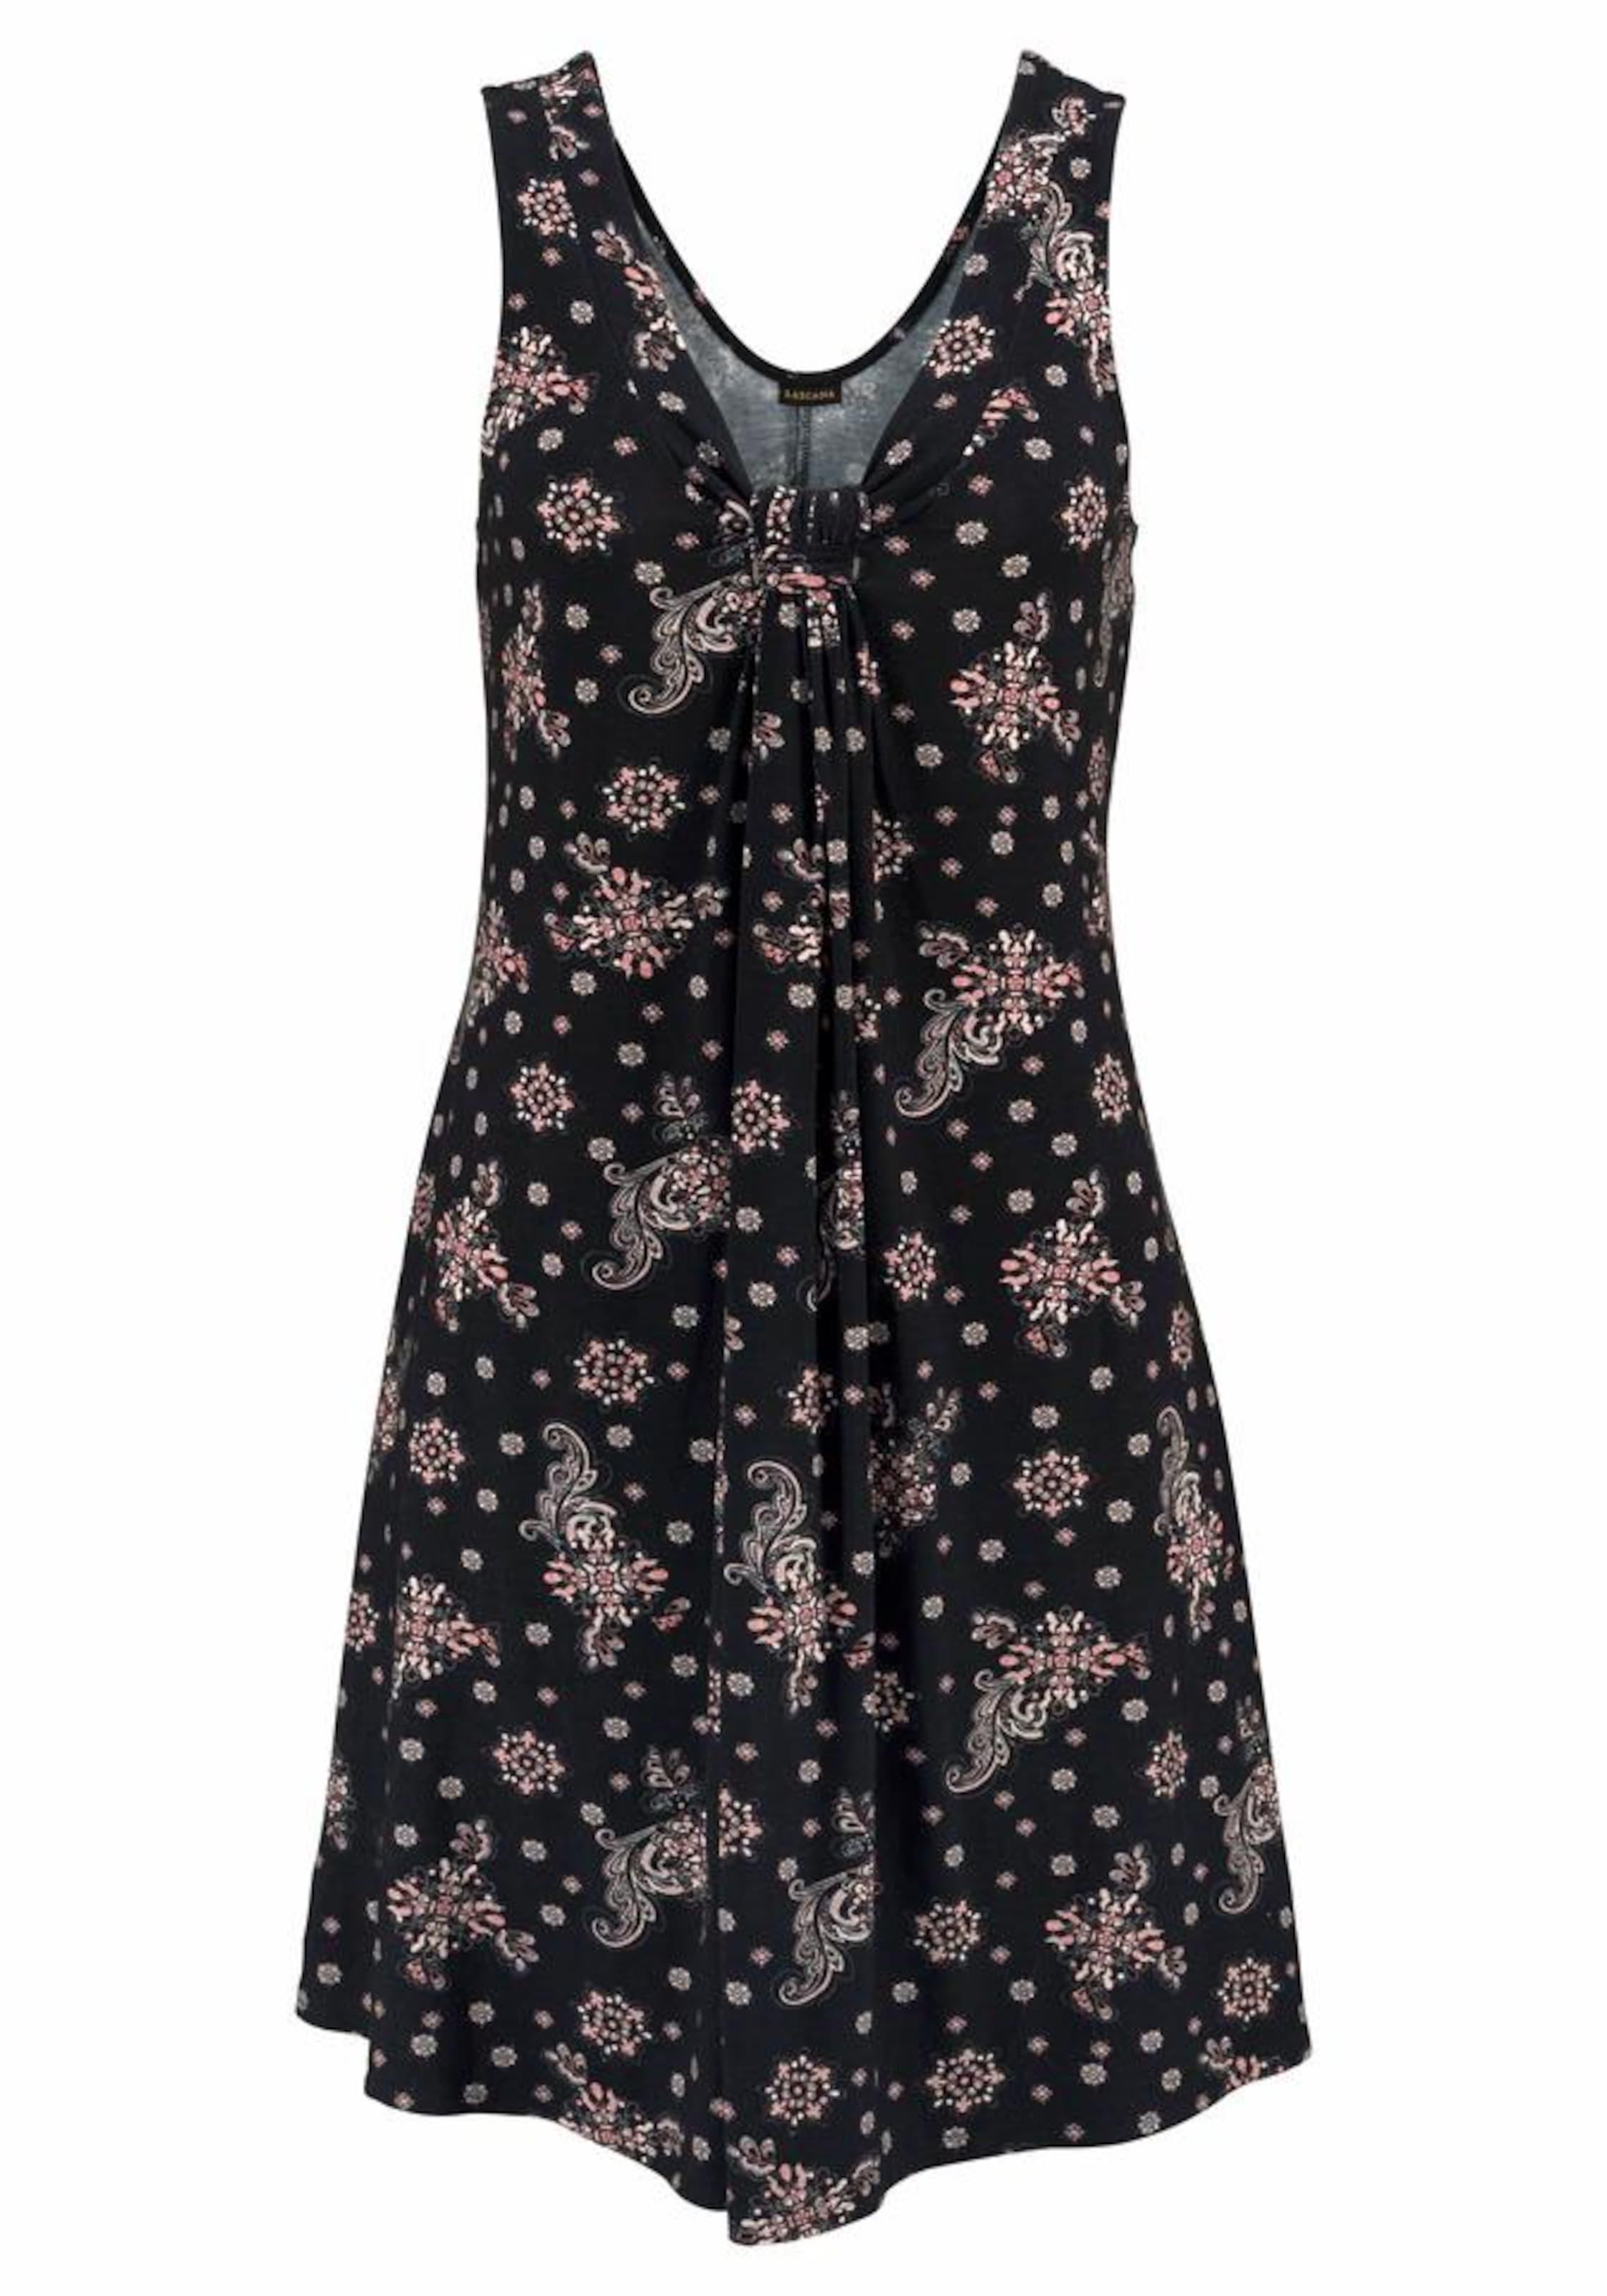 Rabatt Erkunden Verkaufskosten LASCANA Strandkleid Auslass Echt Shop-Angebot Zum Verkauf Unter 50 Dollar STZYeBdjBe